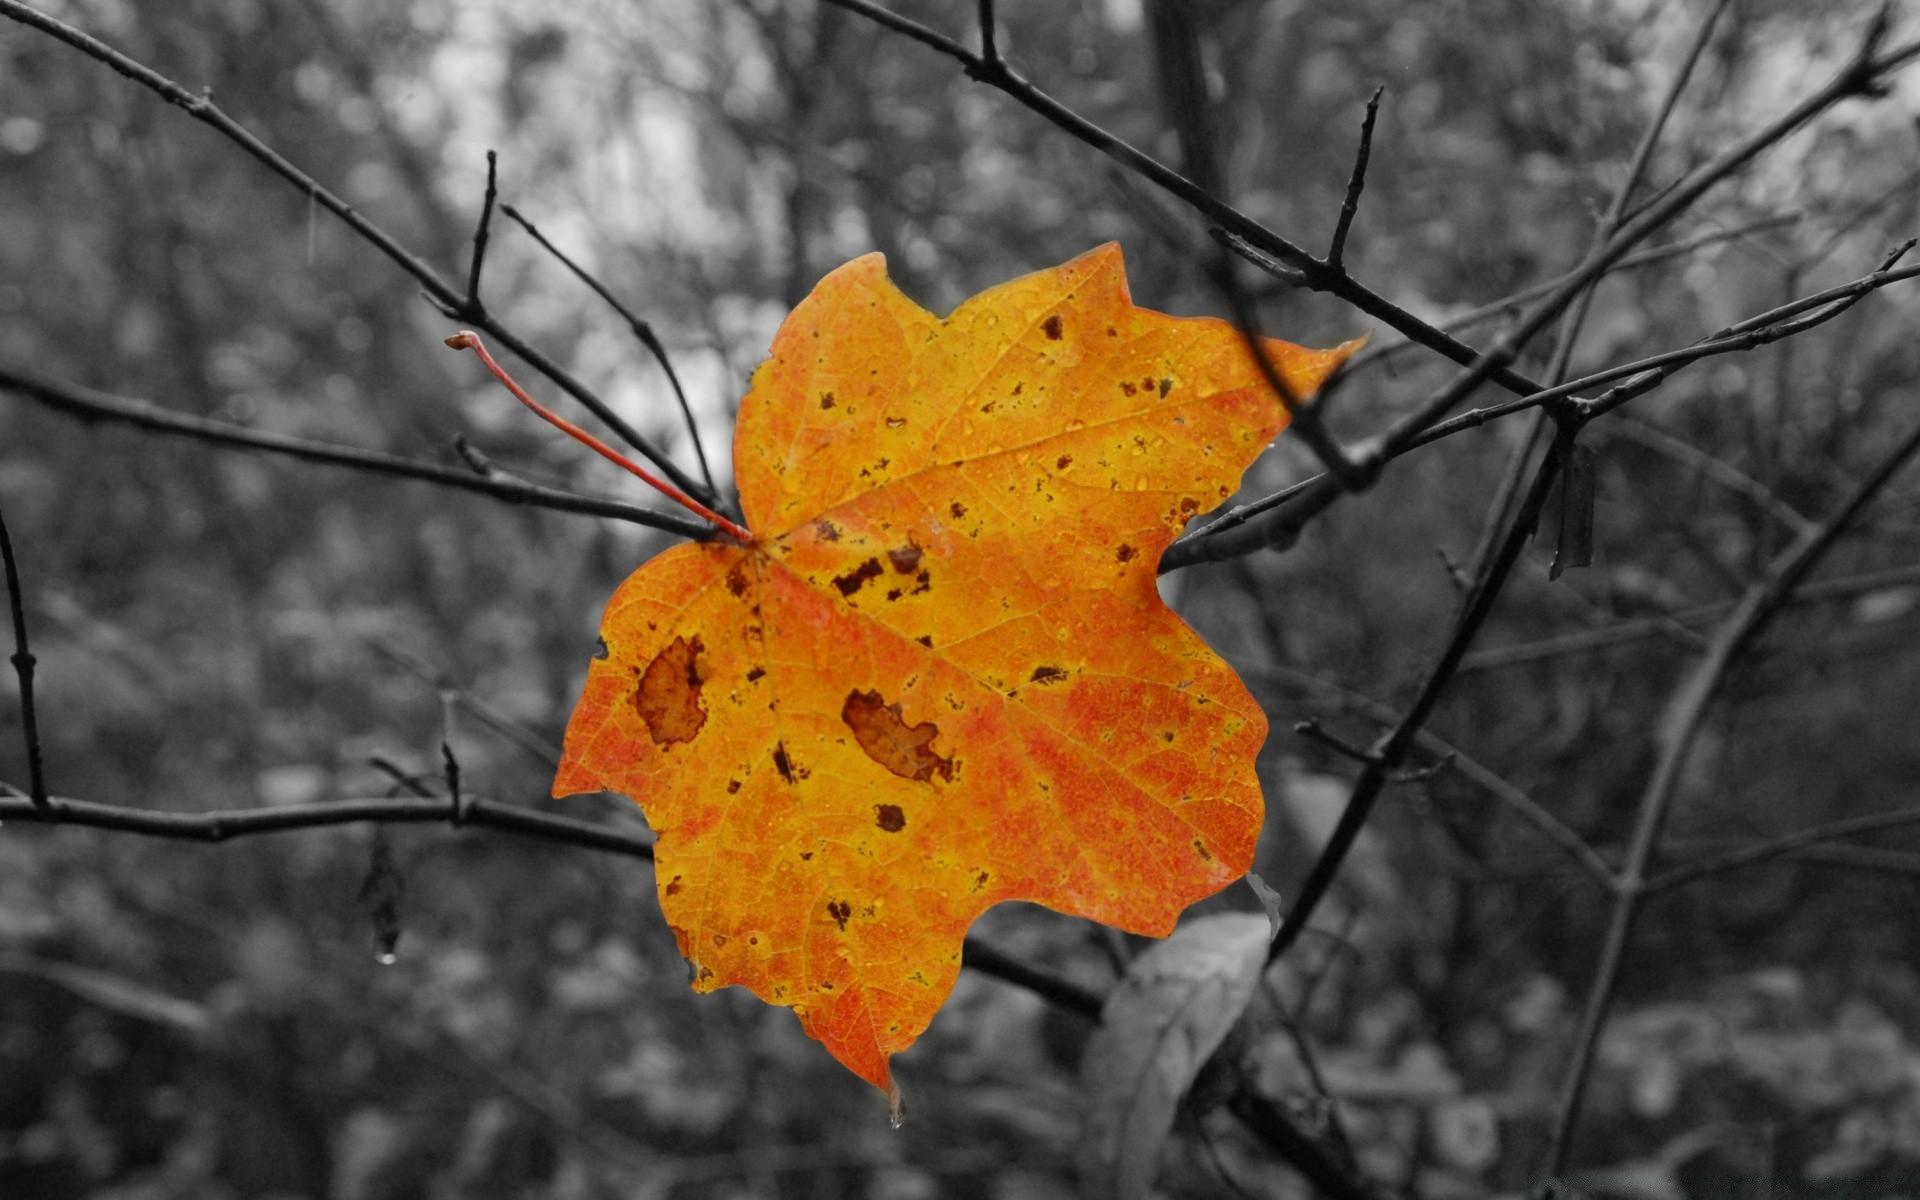 обои на рабочий стол осень листья дождь этот раз стал